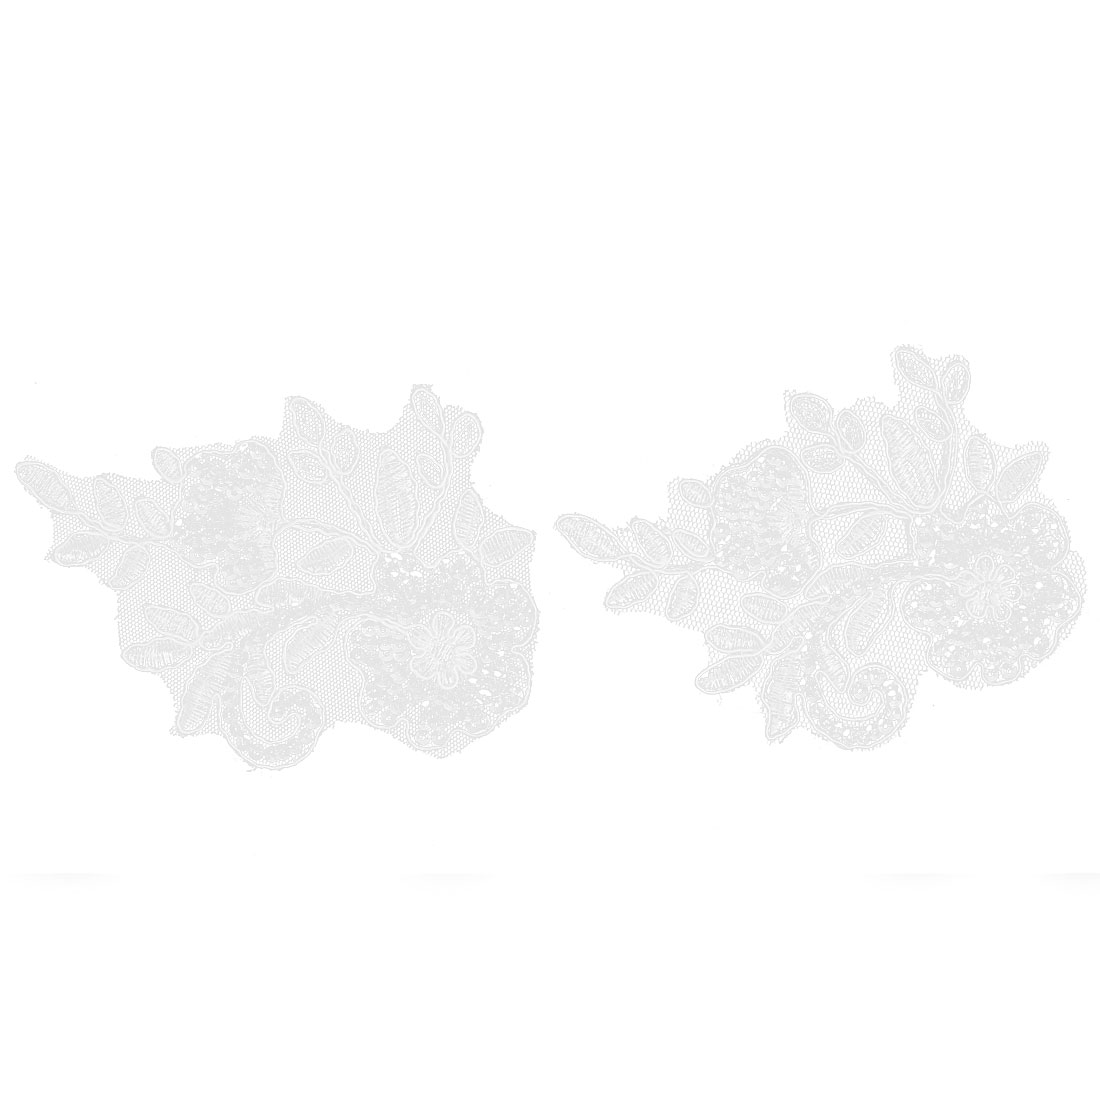 Bridal Dress Veil Shiny Sequins Decor Lace Flowers Appliques Motif Pair